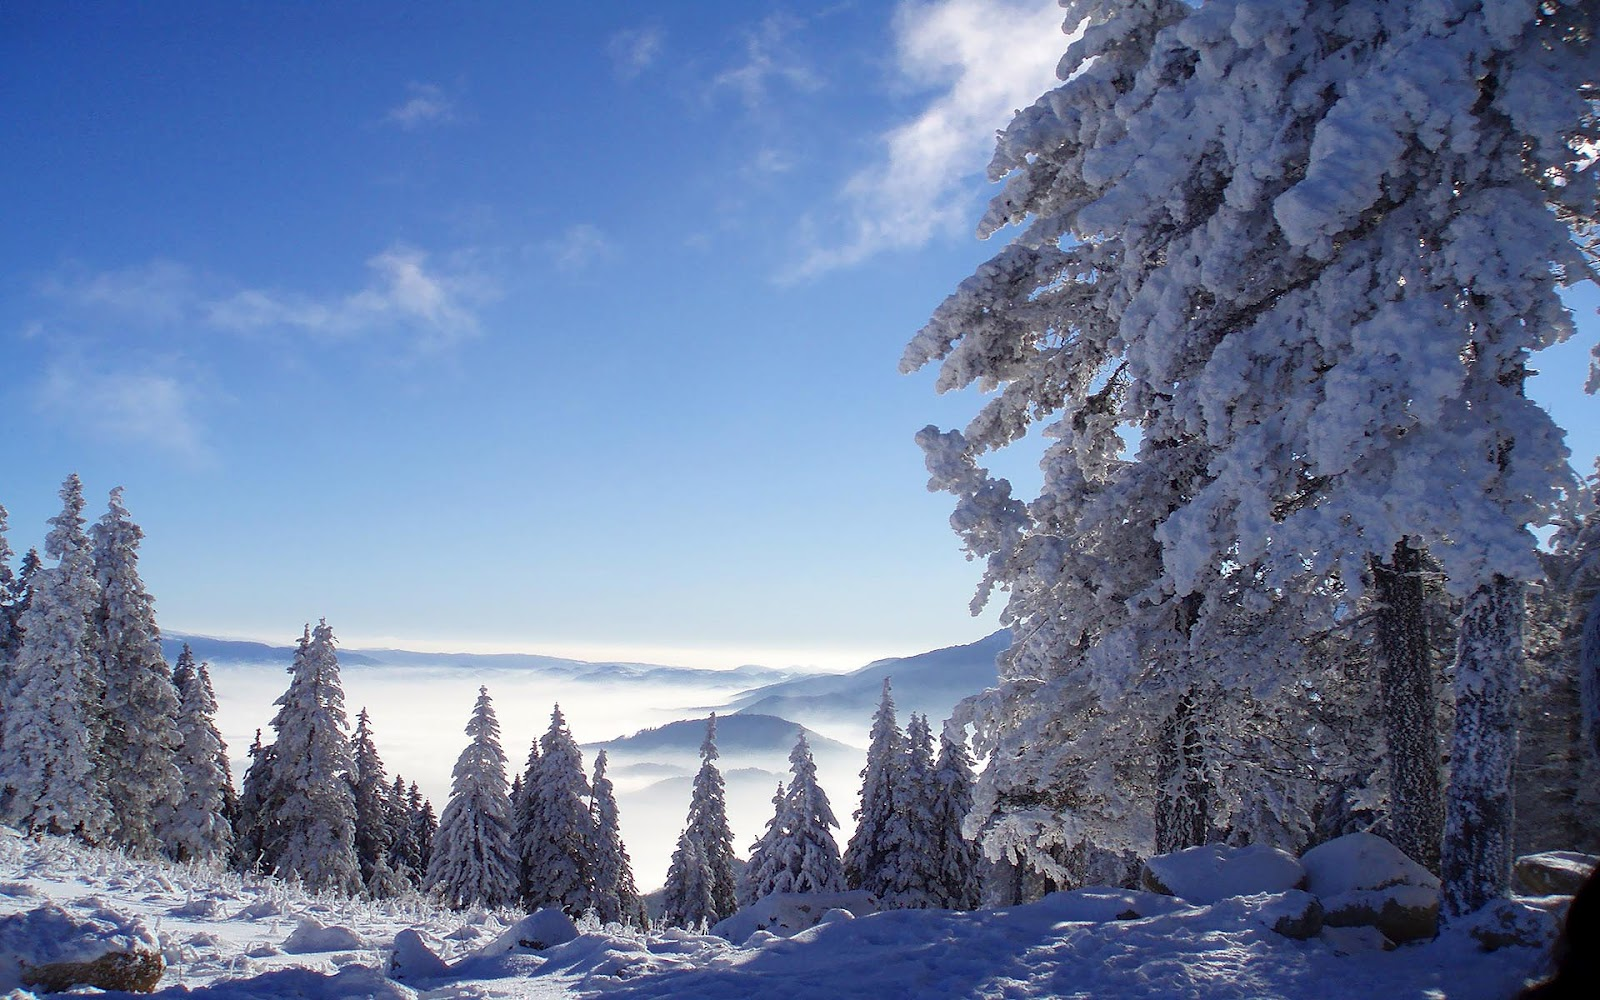 Winter wallpapers - Achtergronden Wallpapers Bureaublad